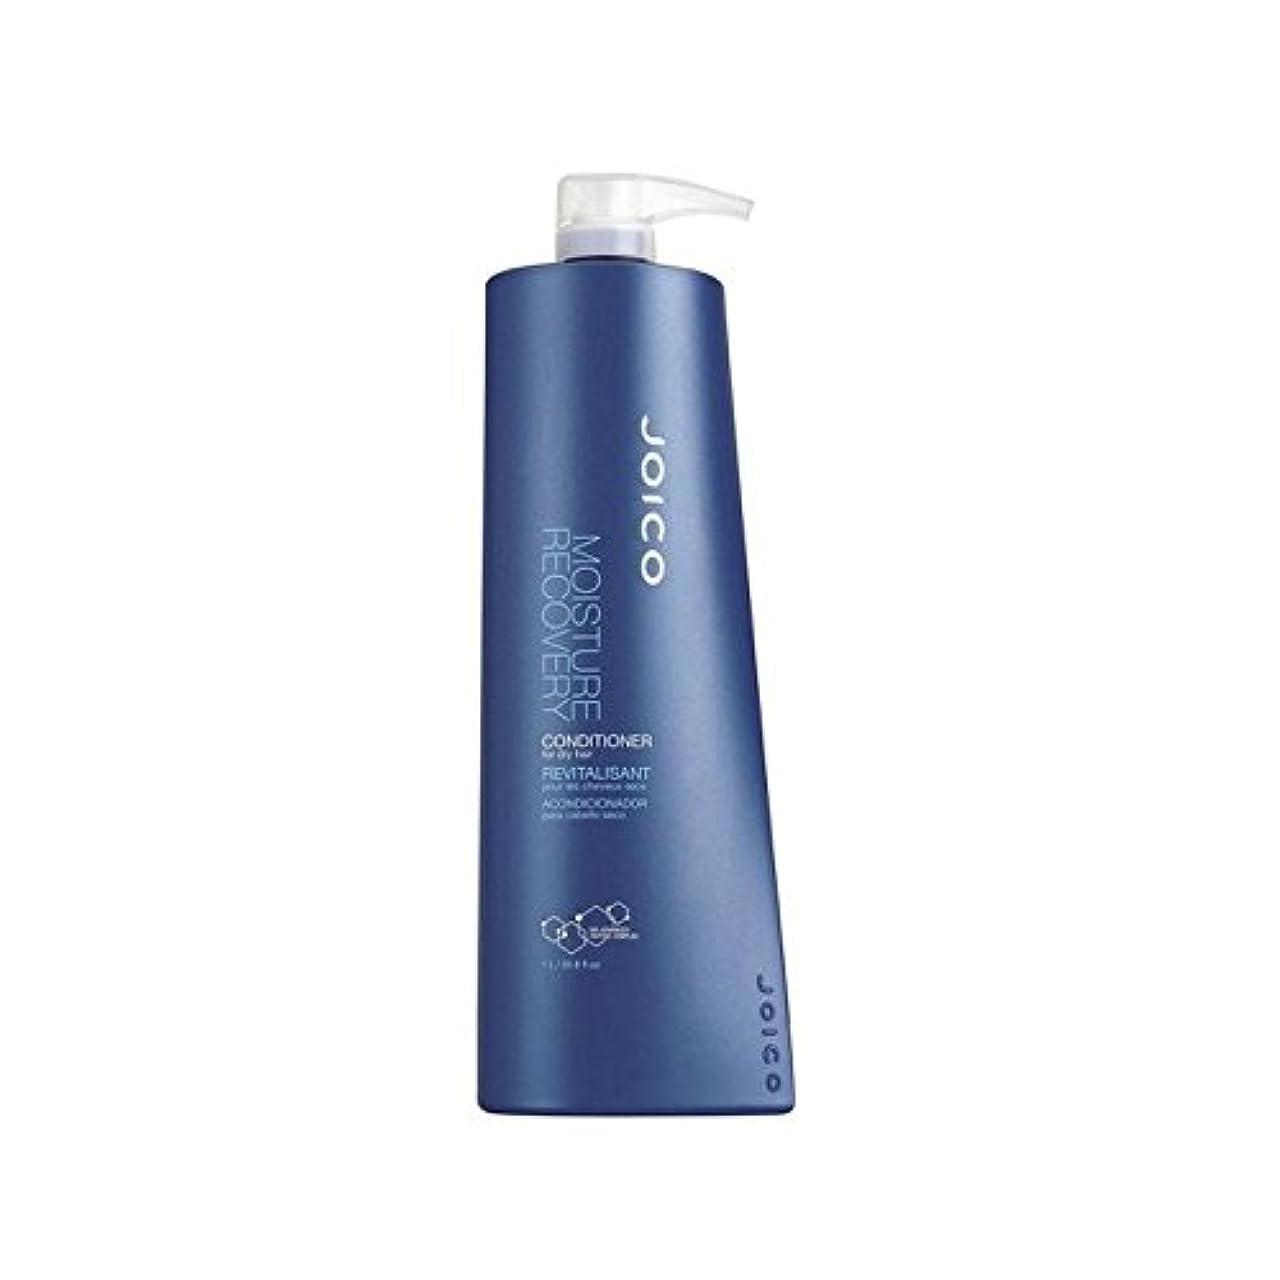 撃退するベックス長くする乾いた髪用ジョイコ水分回復コンディショナー(千ミリリットル) x4 - Joico Moisture Recovery Conditioner For Dry Hair (1000ml) (Pack of 4) [並行輸入品]